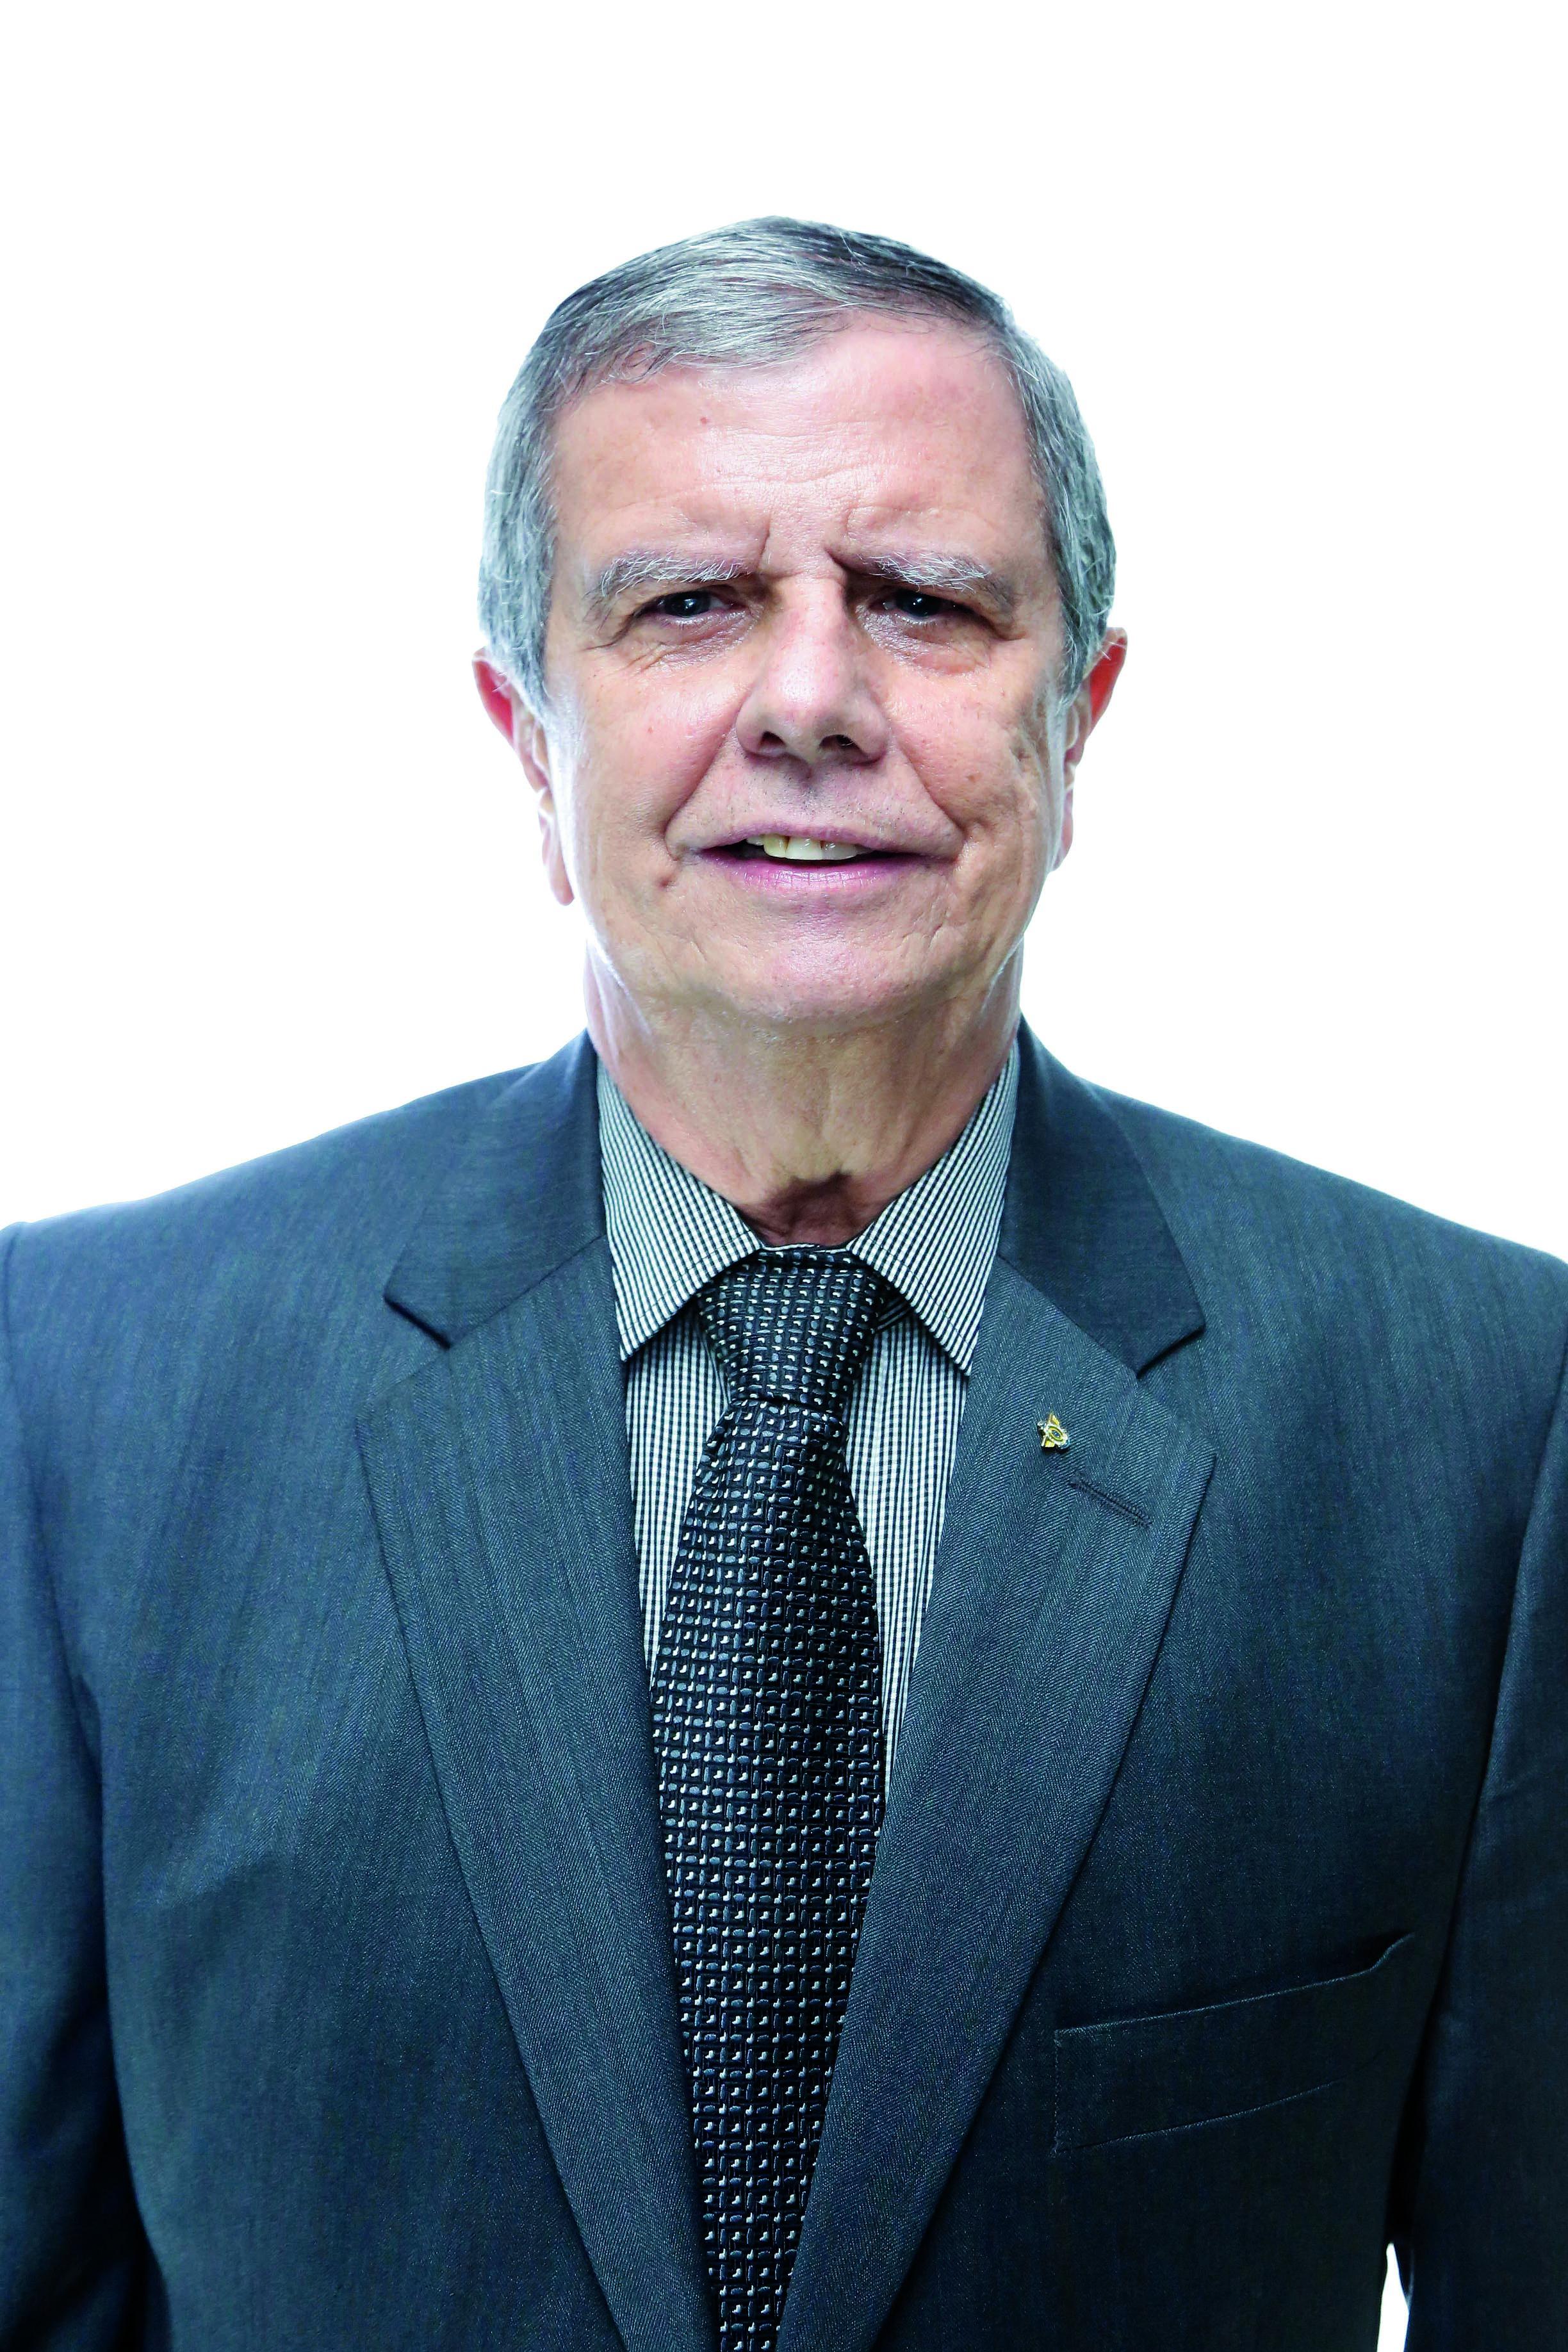 José Roberto Rodrigues Stipp